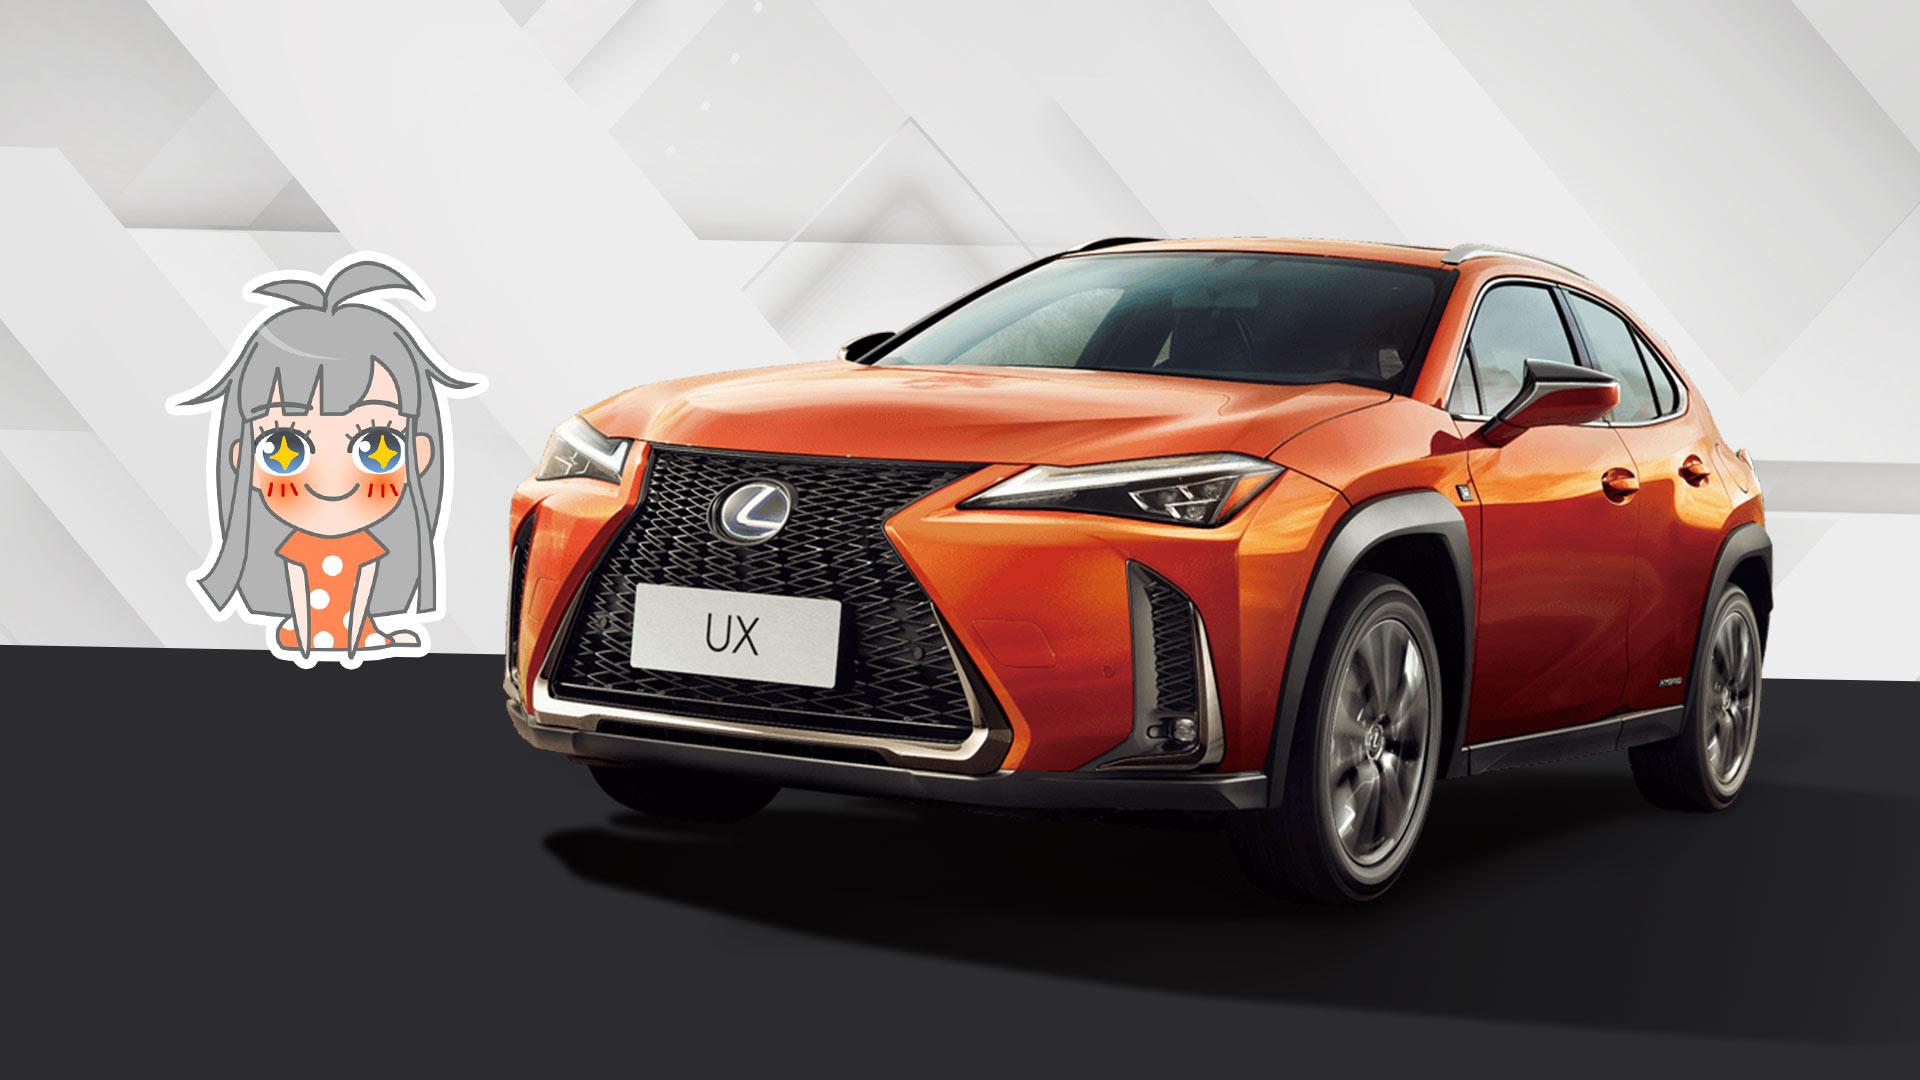 【购车300秒】又一个进口豪华紧凑级SUV 雷克萨斯UX